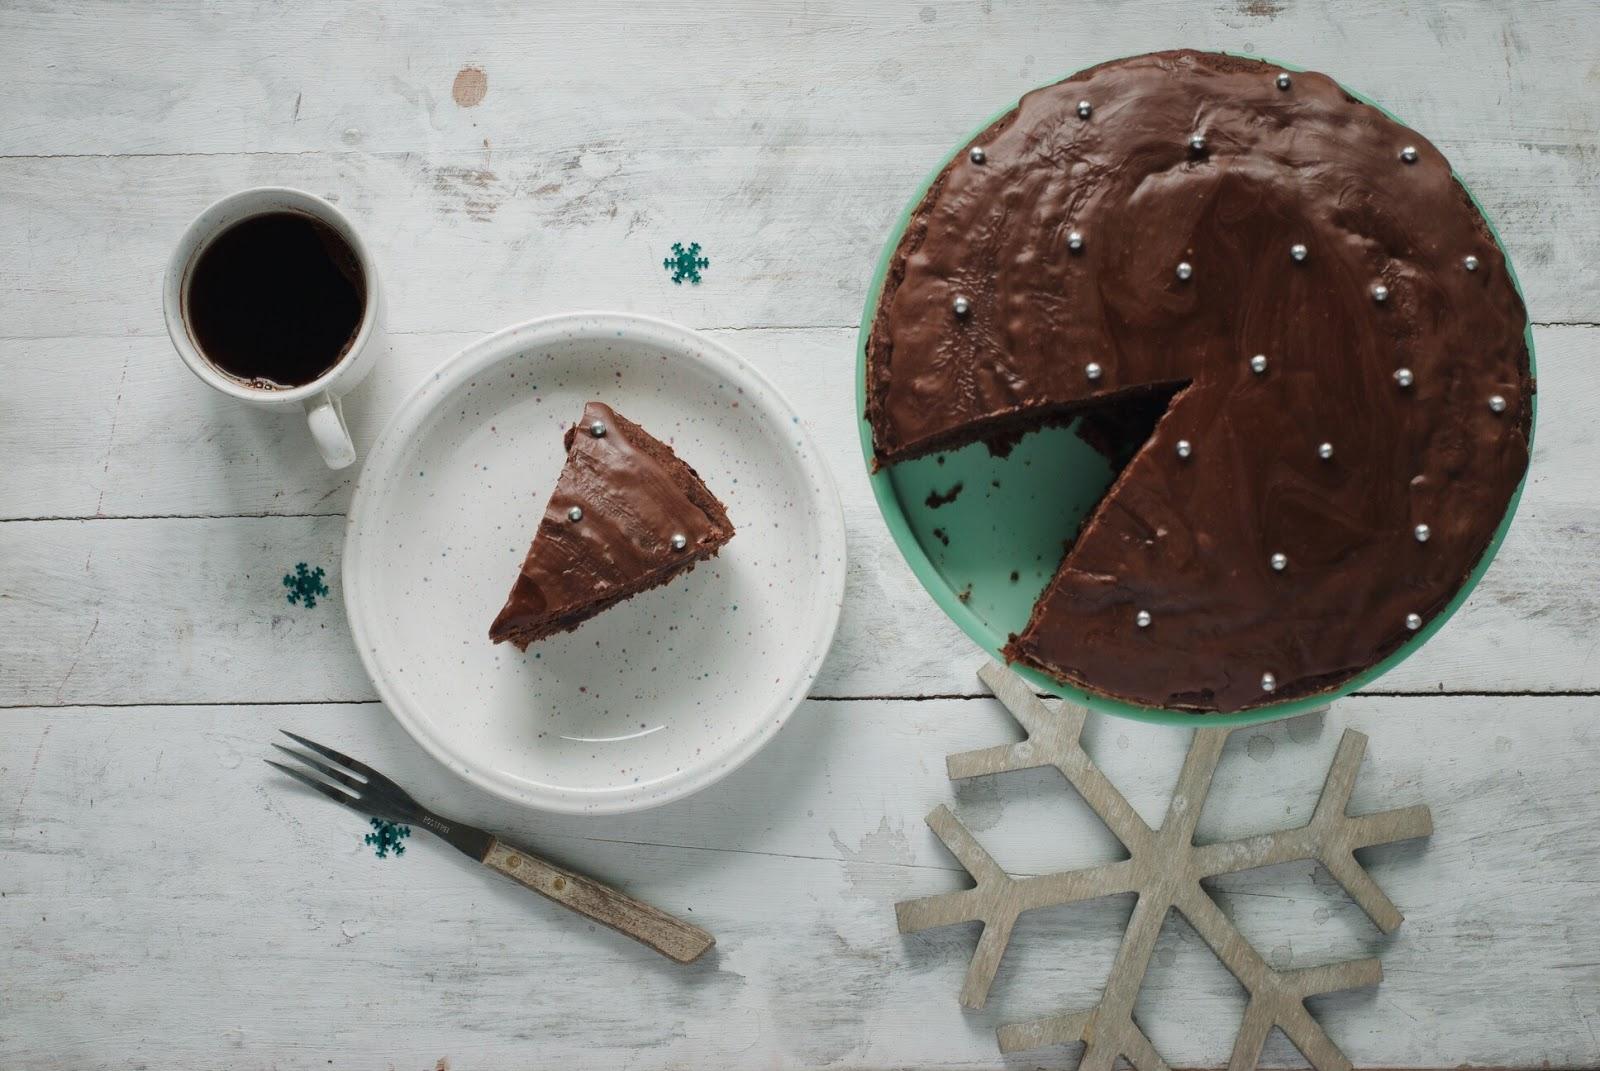 Szybki piernik z polewą czekoladową